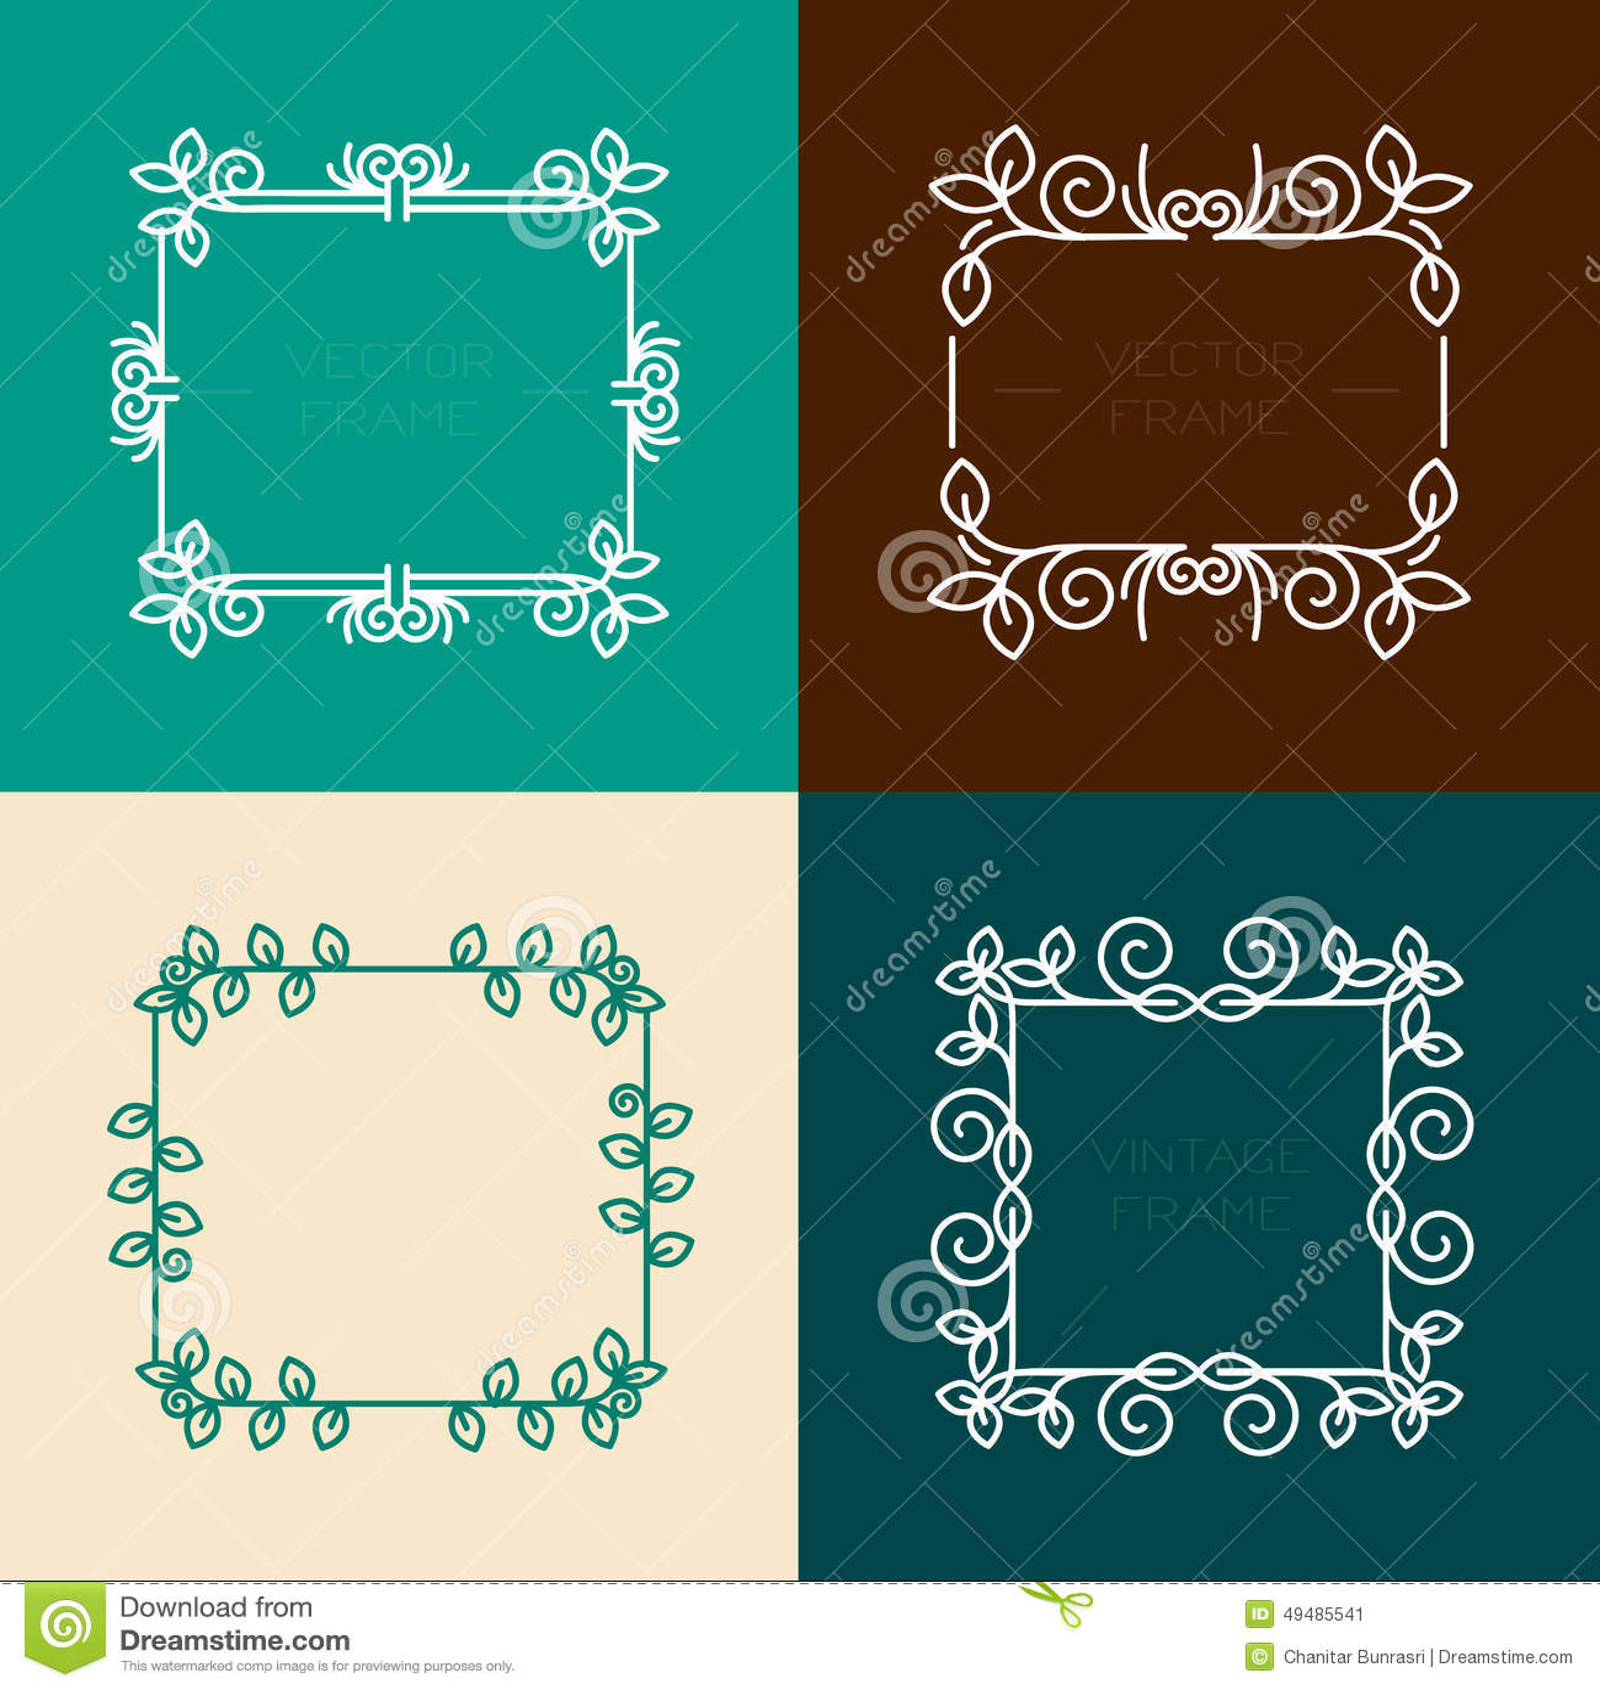 Graphic Design Elements Line : Vector set of floral frames stock image